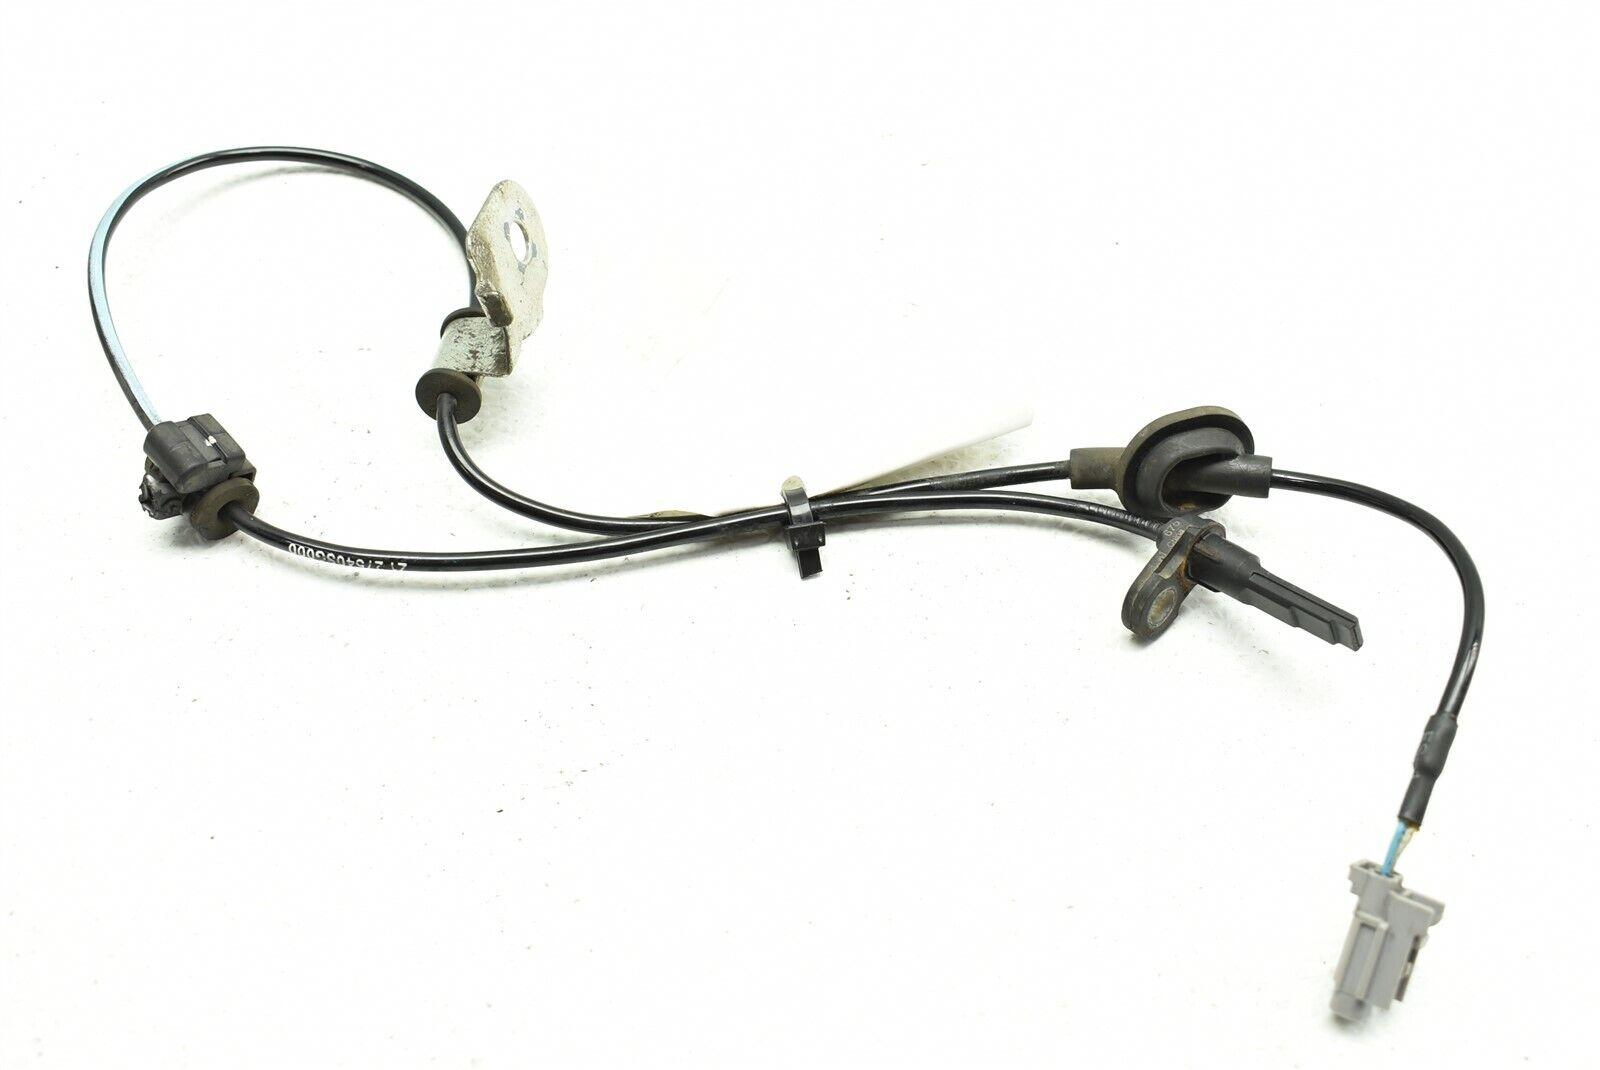 Subaru Crosstrek Xv Front Right Abs Speed Sensor